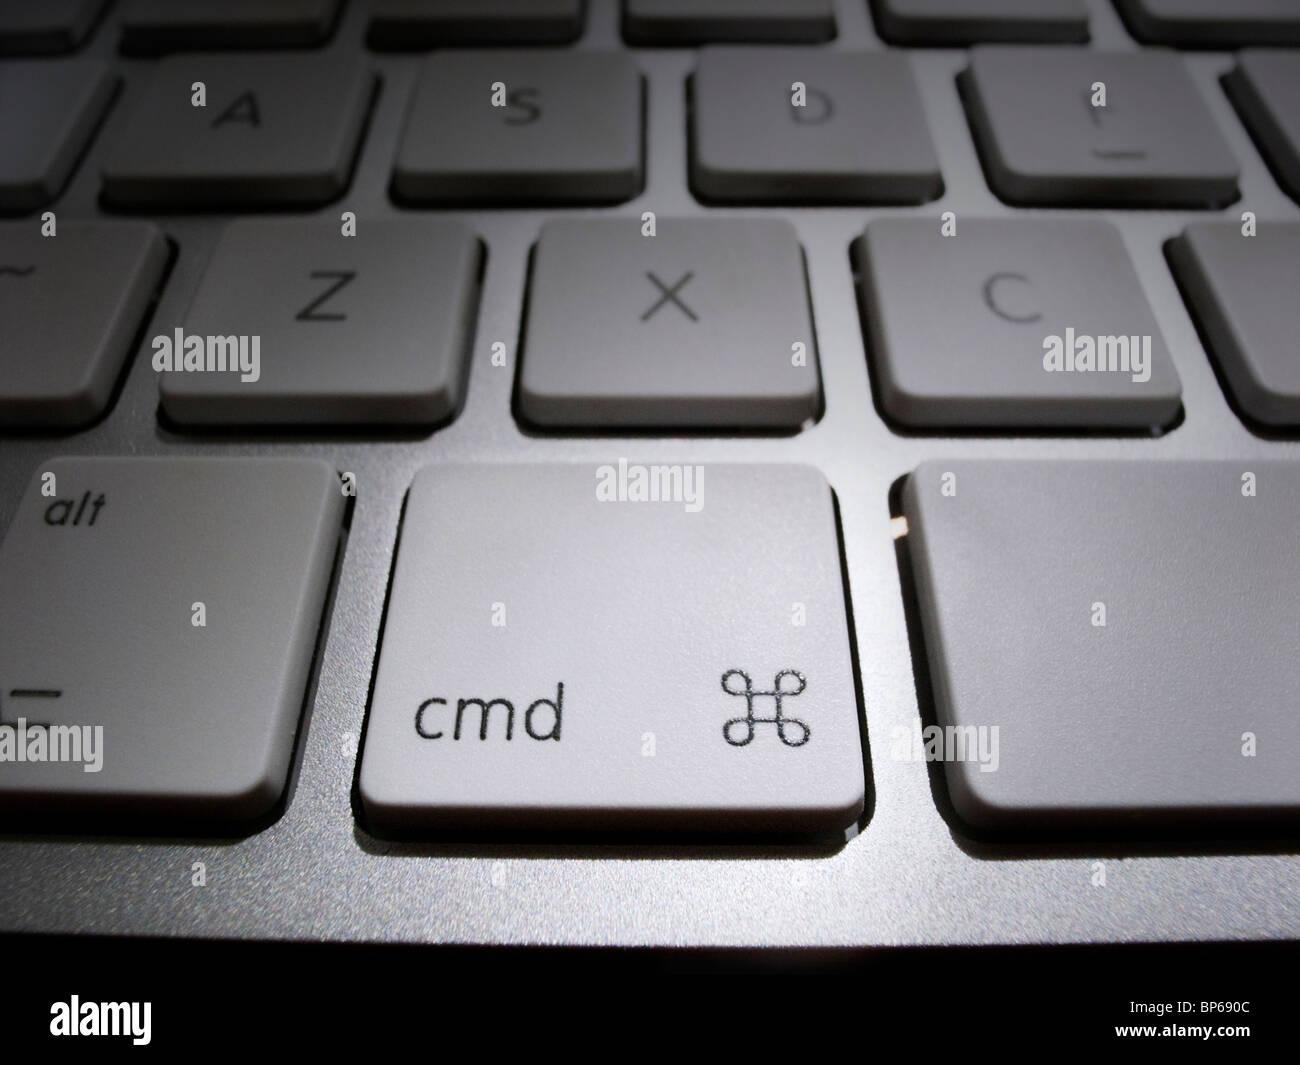 Close-up of Command Key on iMac keyboard - Stock Image